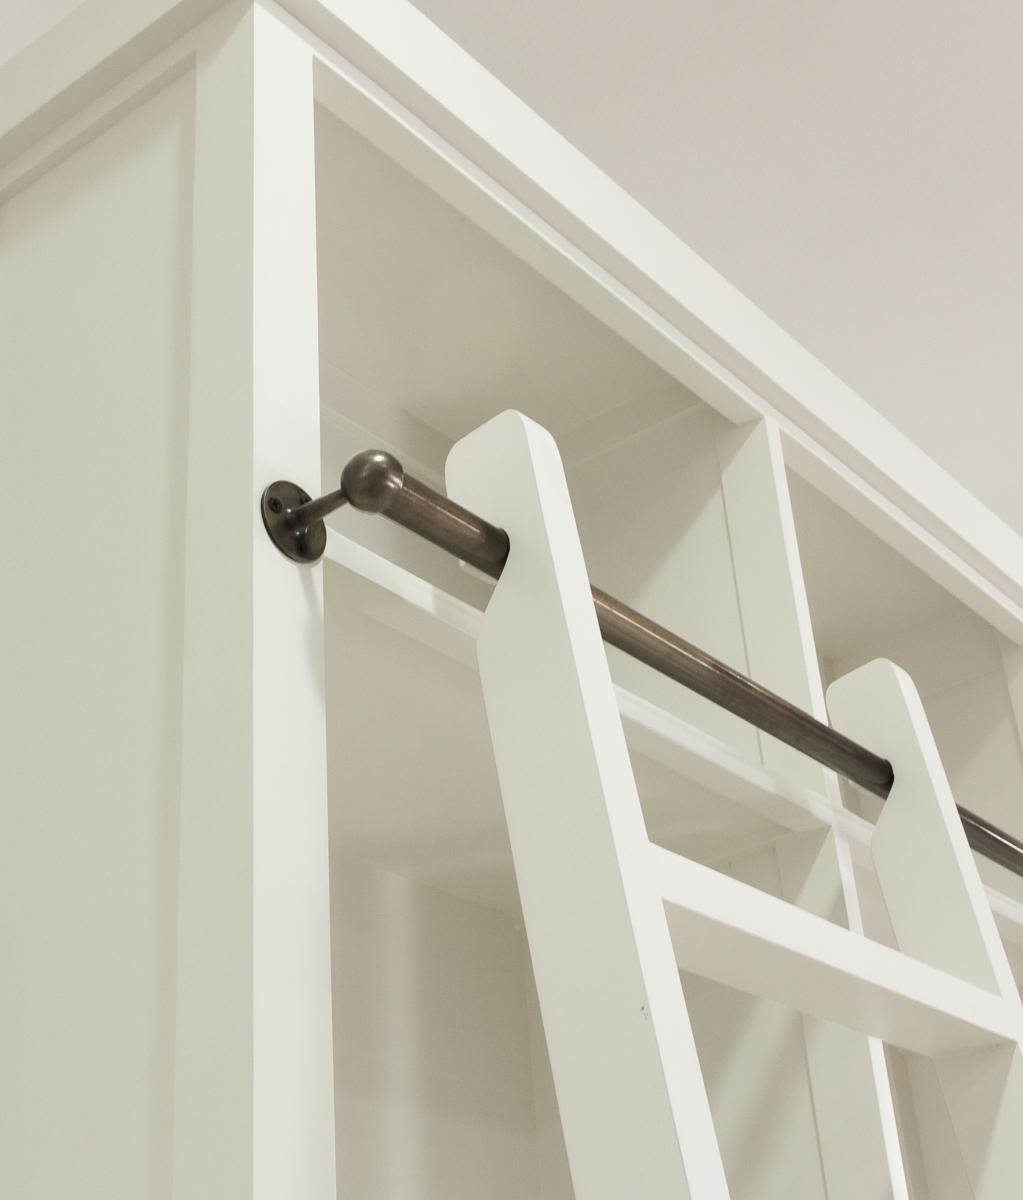 Librer a cl sica de madera blanca con escalera decorativa - Librerias con escalera ...